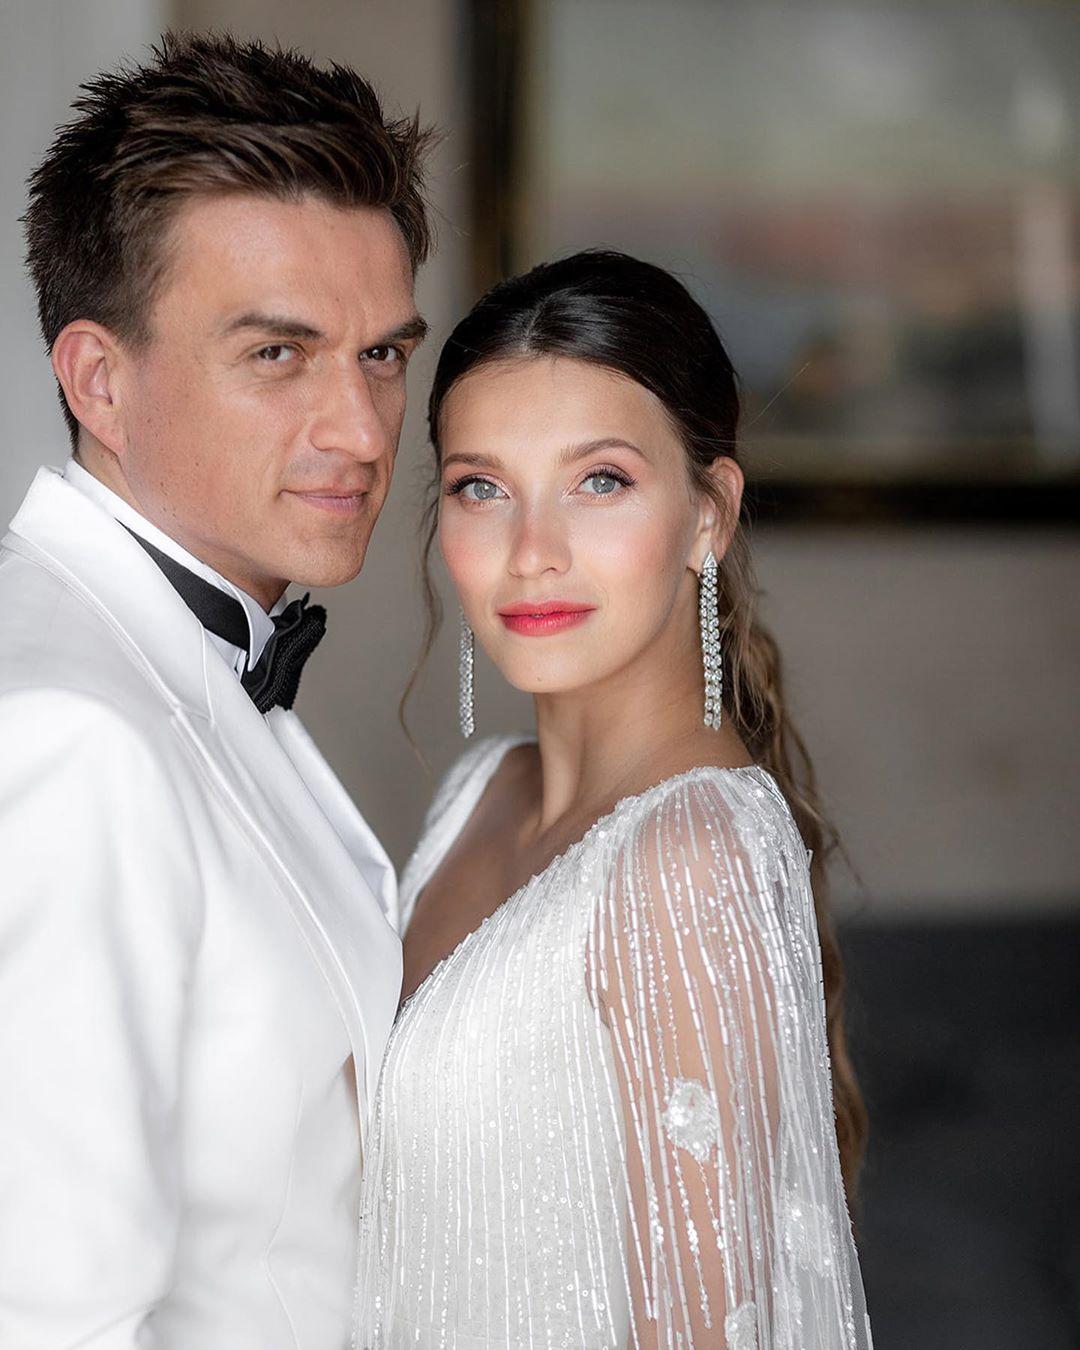 Регина Тодоренко и Влад Топалов поженились в октябре, а годовщину свадьбу отмечают летом